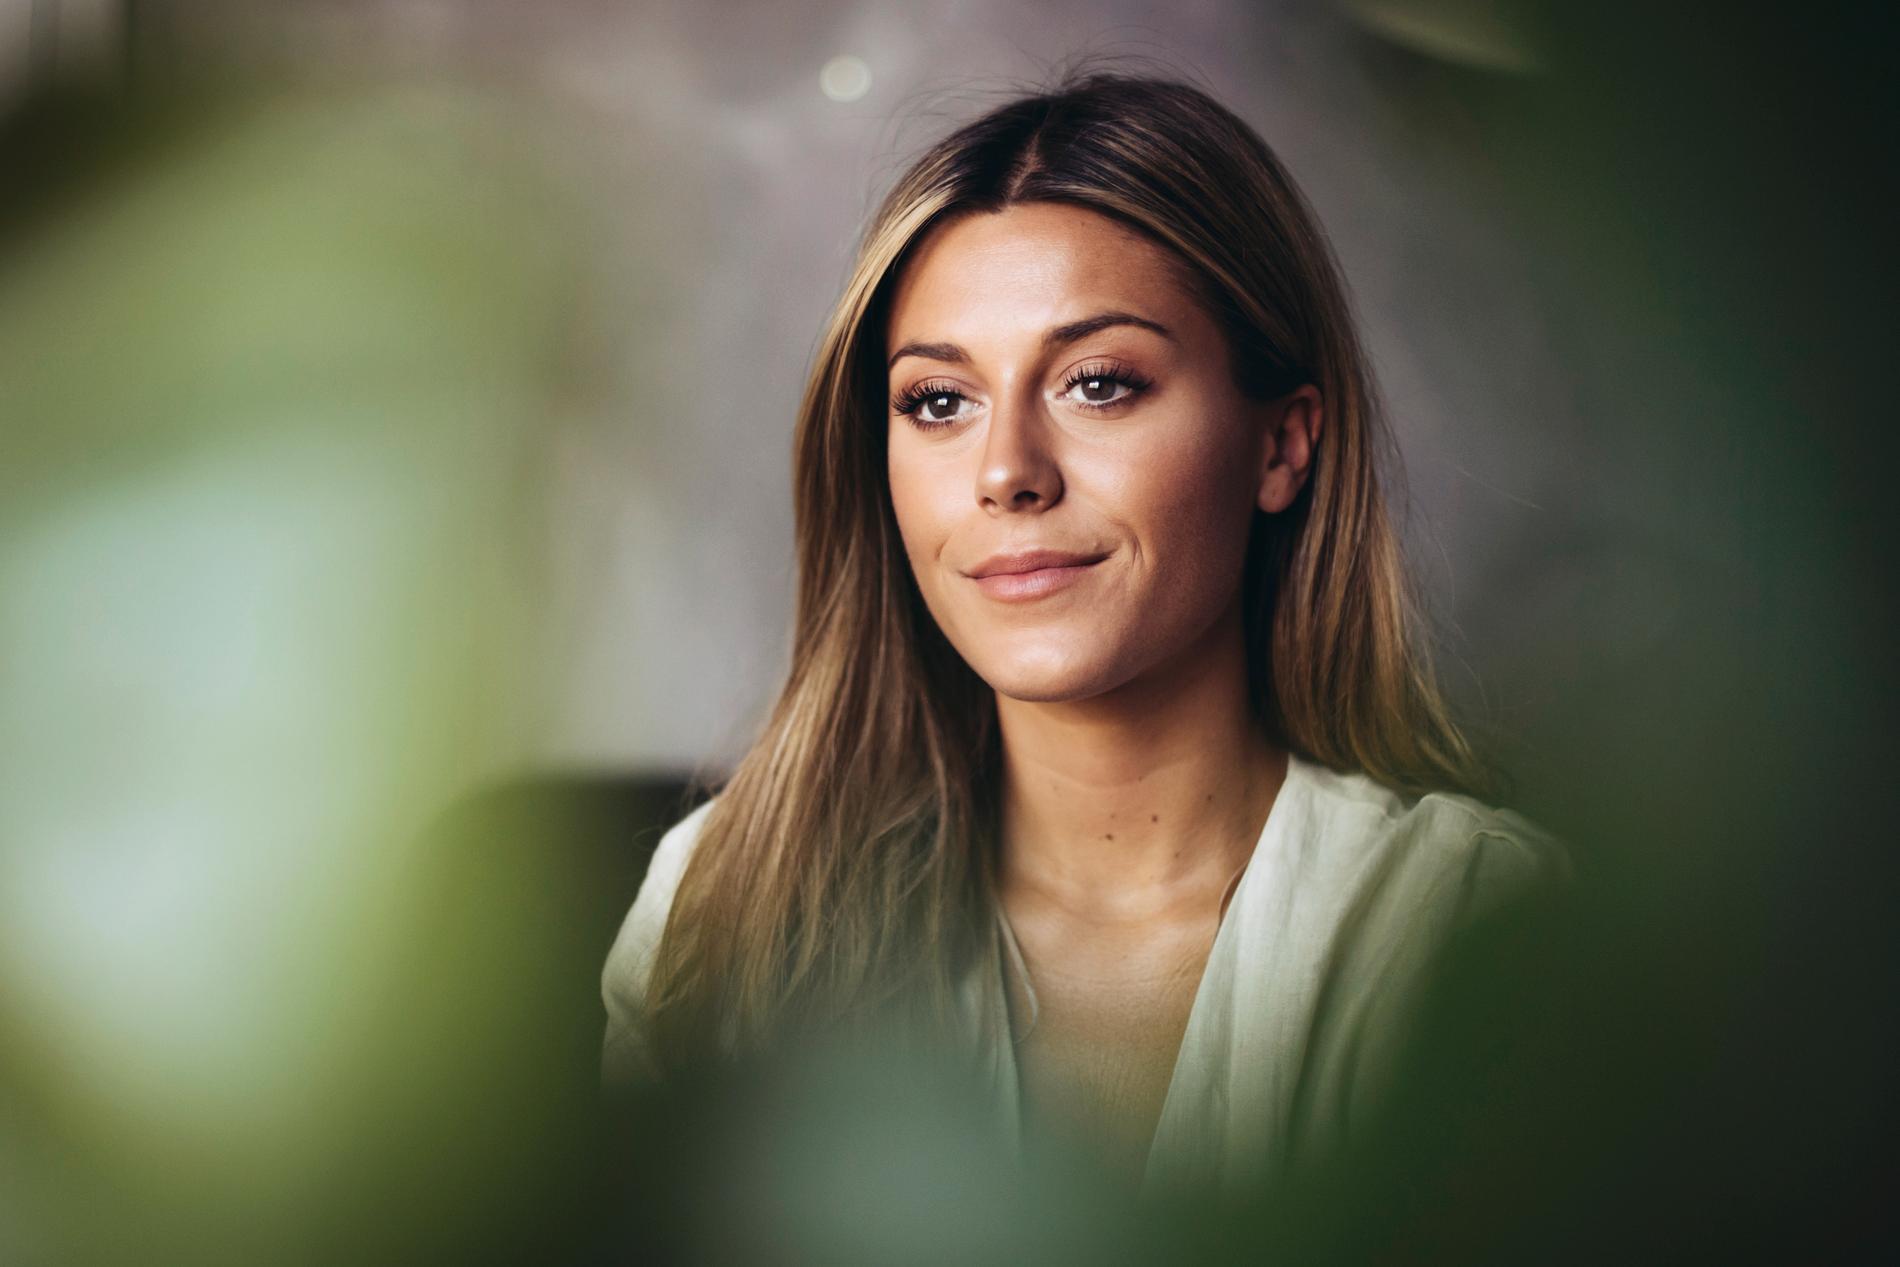 Bianca Ingrosso är en av flera kända svenska kvinnor som blivit utsatt för att hennes ansikte används i deepfake-porr. Arkivbild.